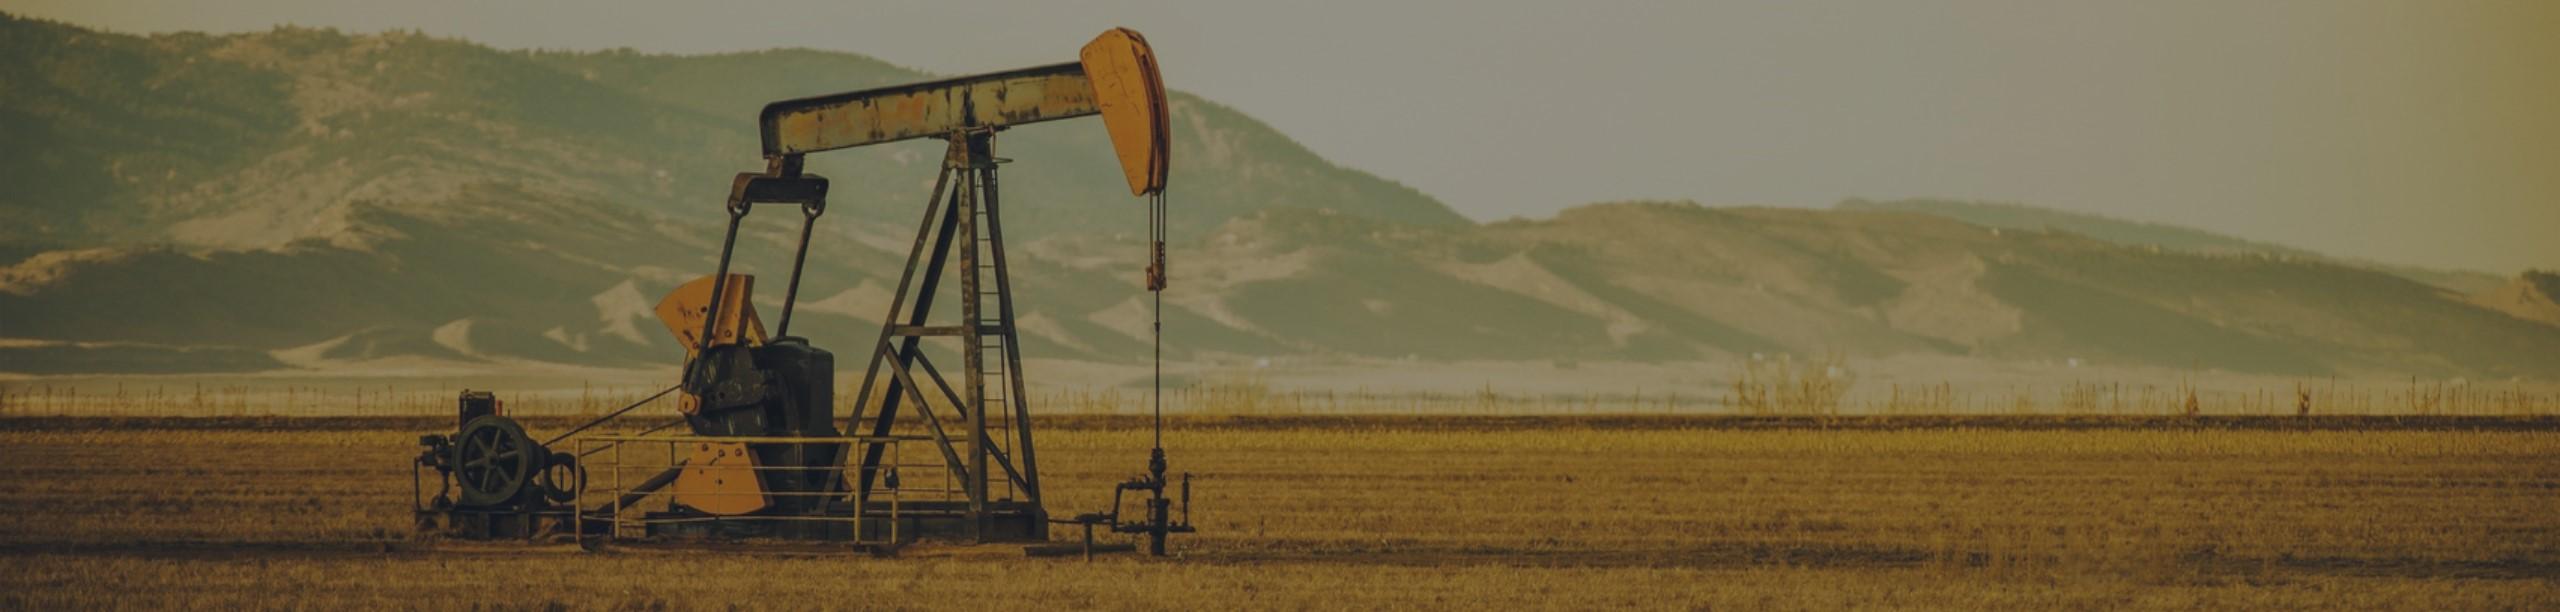 Oil1-4